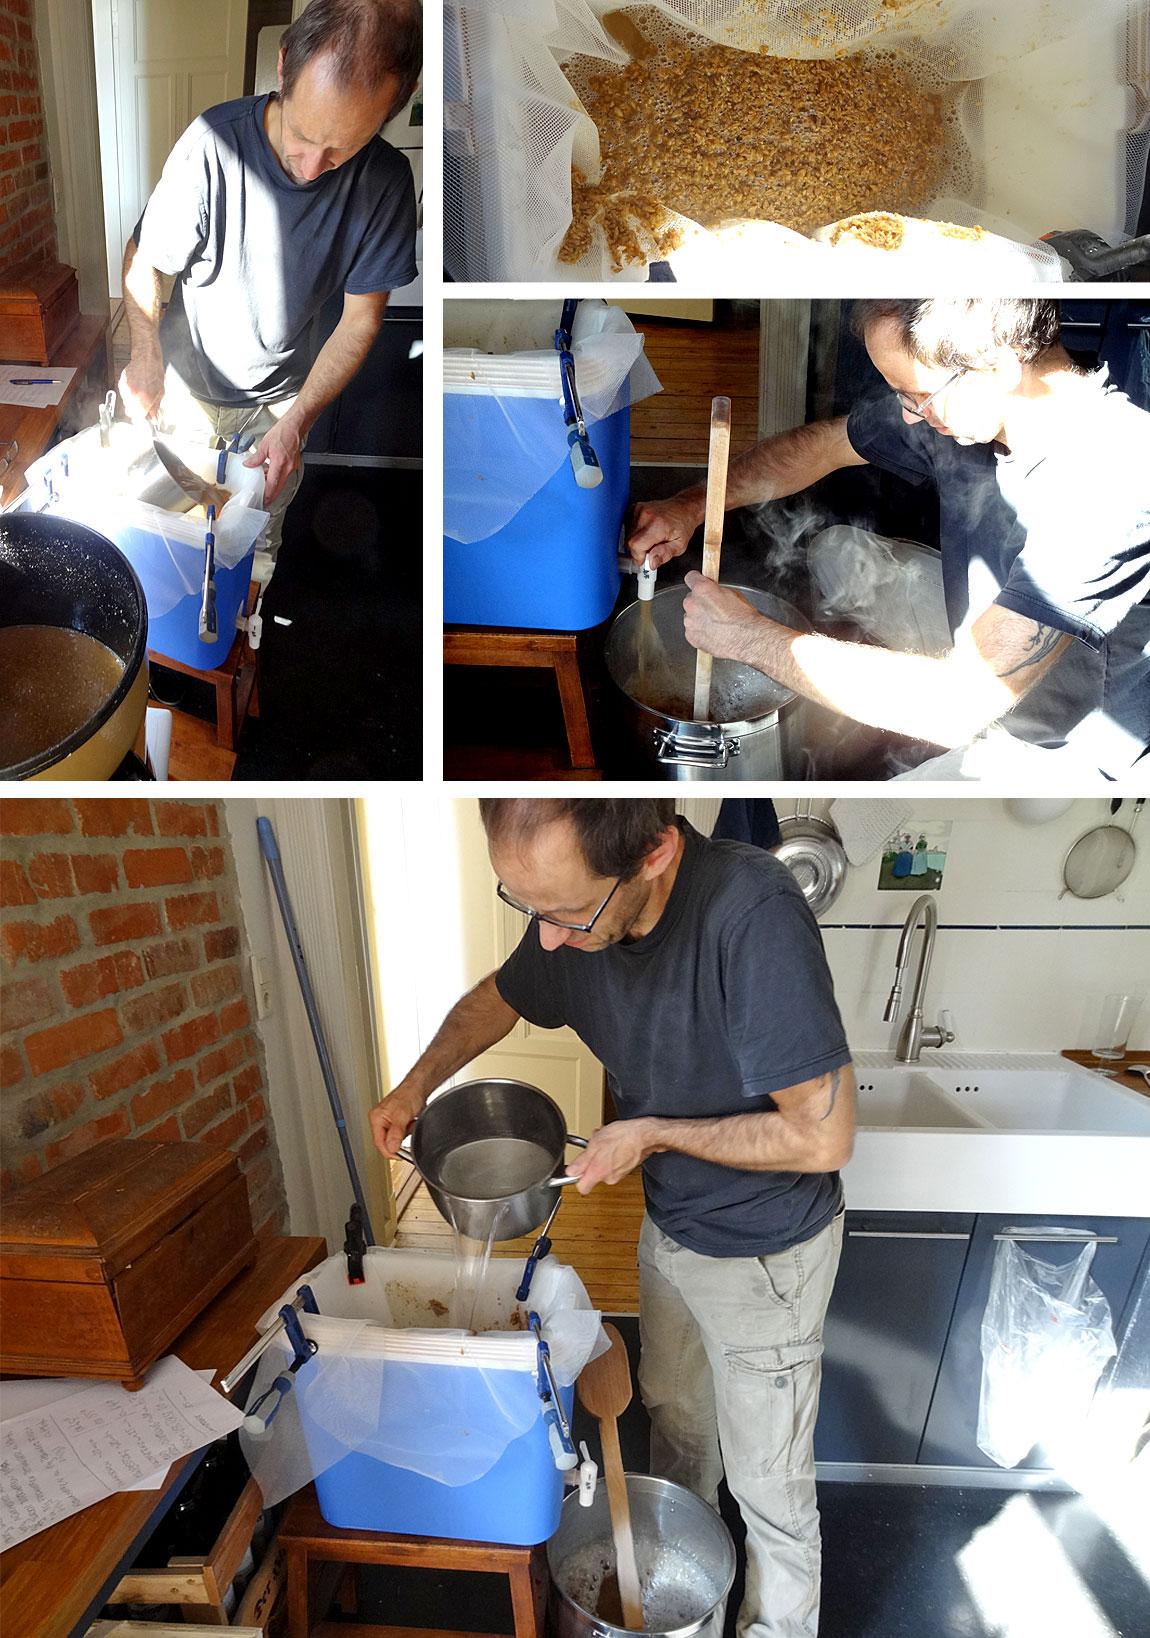 Umfüllen des Sud in den Läuterbottich, Abfüllen und Wasser nachgießen - oben sieht man den Treber